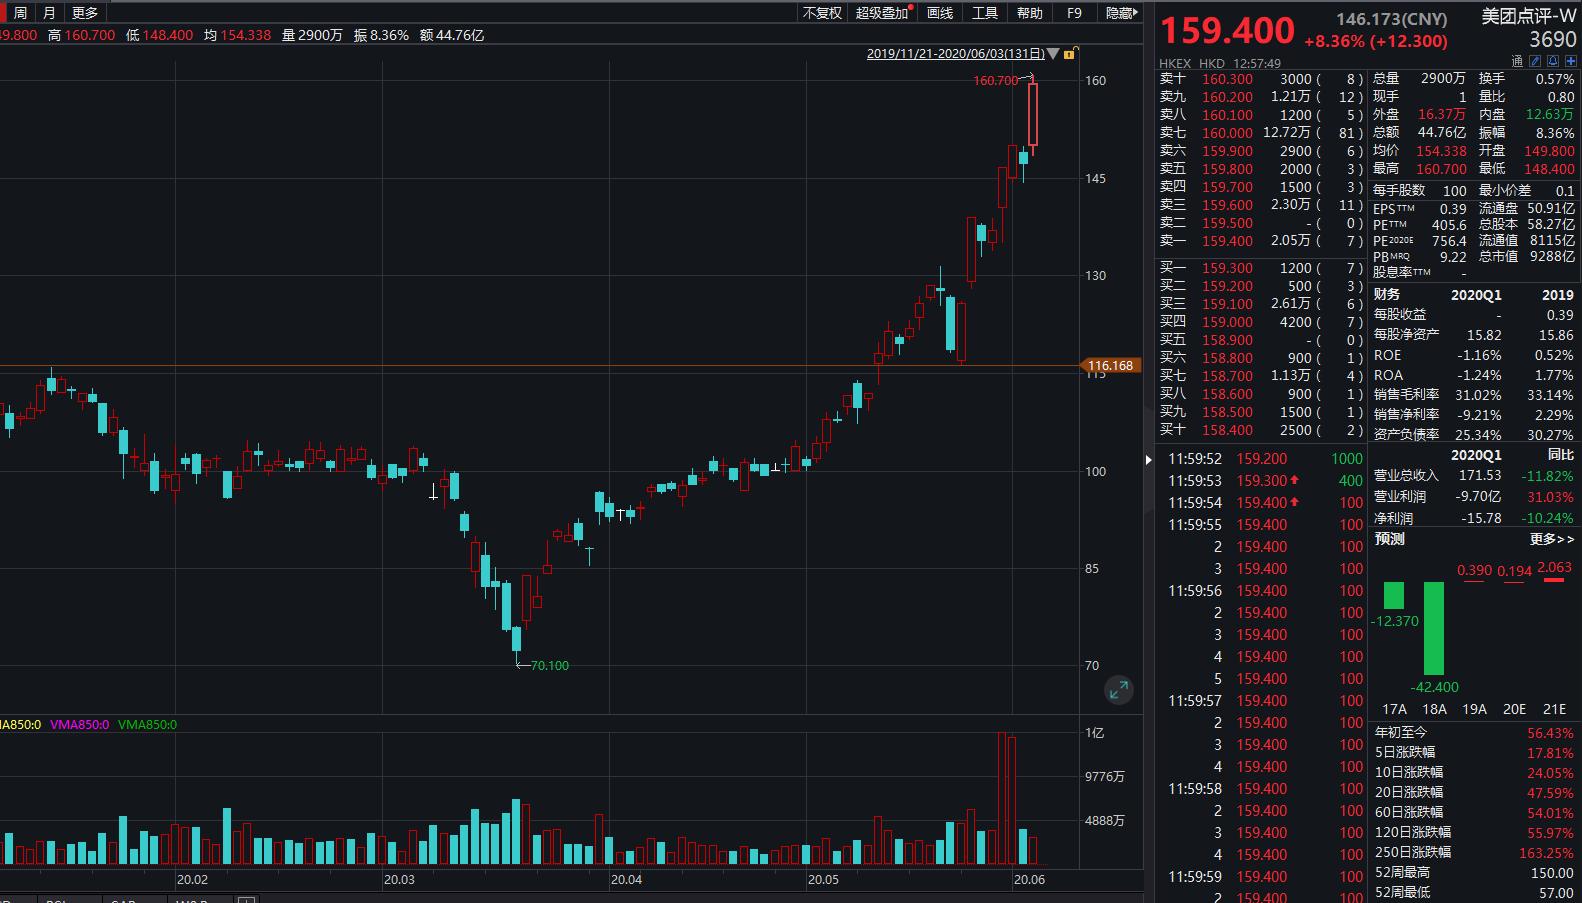 美团点评股价火箭蹿升:3个月已涨120% 市值逾9200亿港元